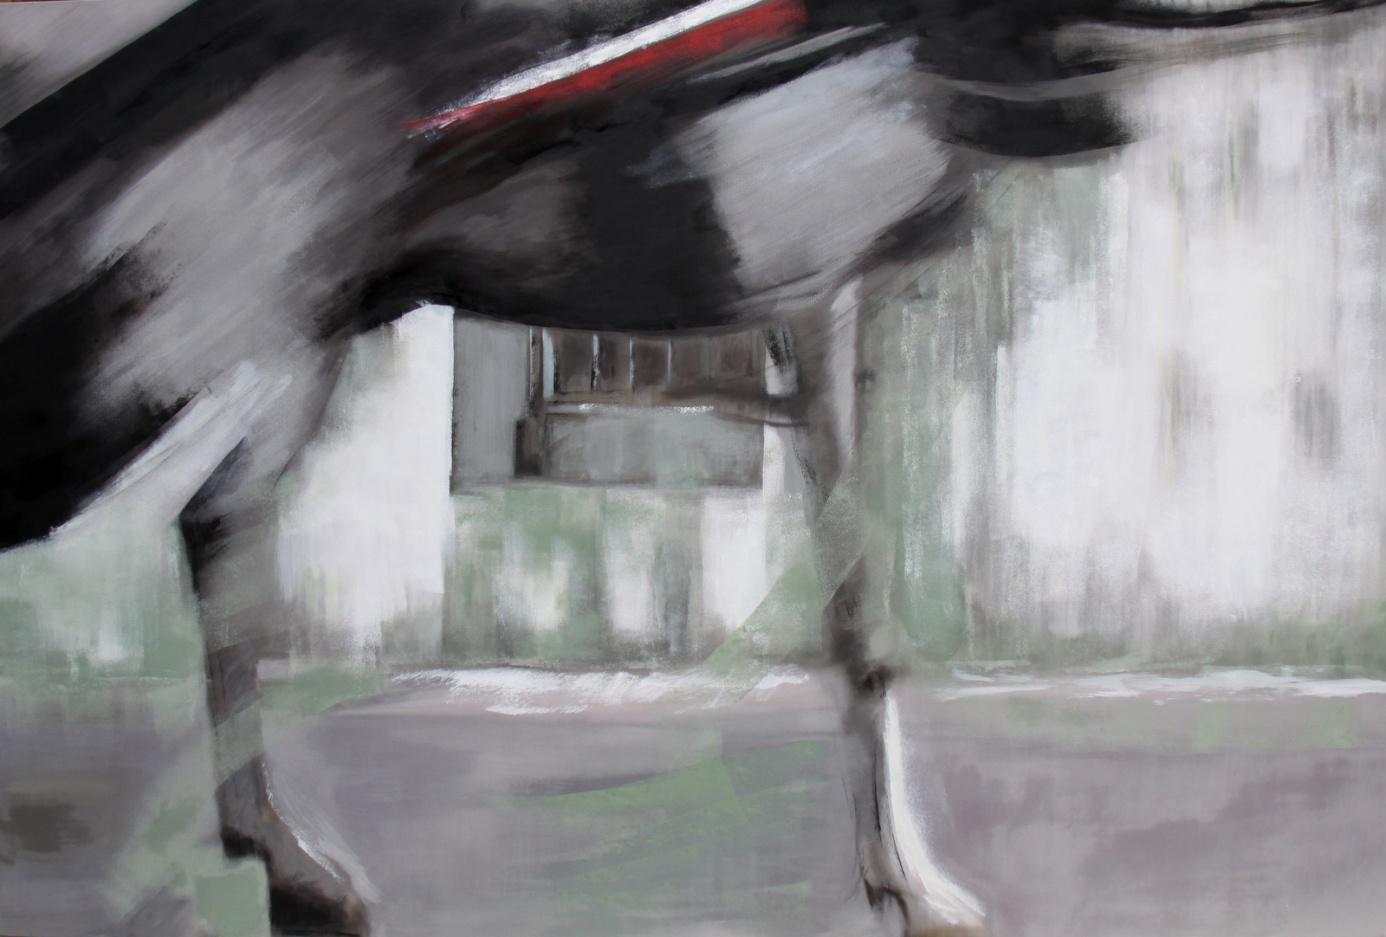 G:\Resimlerim-2011\Gülsün Toker Eroğlu Rüzgar 2010 99x149 cmTual üzerine yağlı boya.JPG